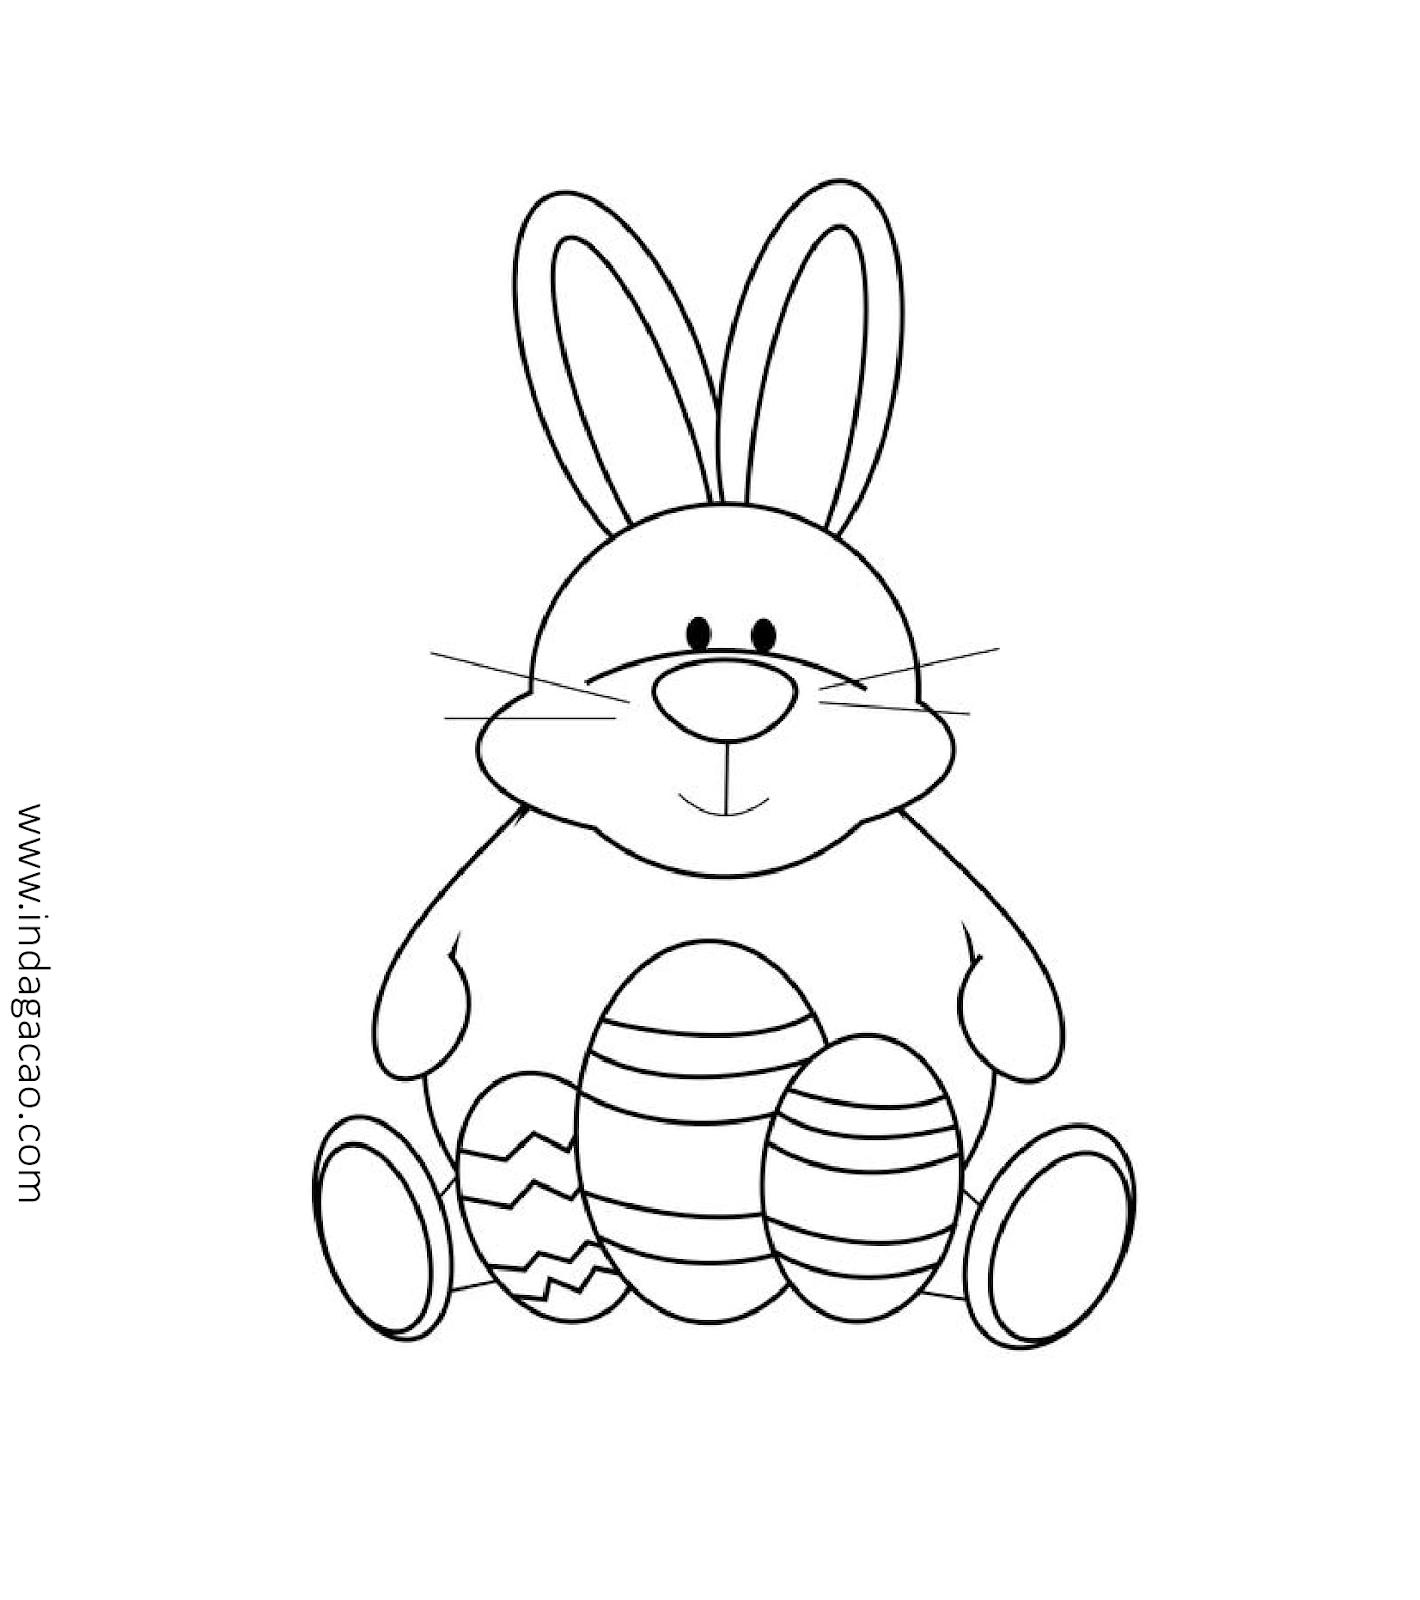 coelho da páscoa desenho colorir baixar desenhos páscoa pinterest